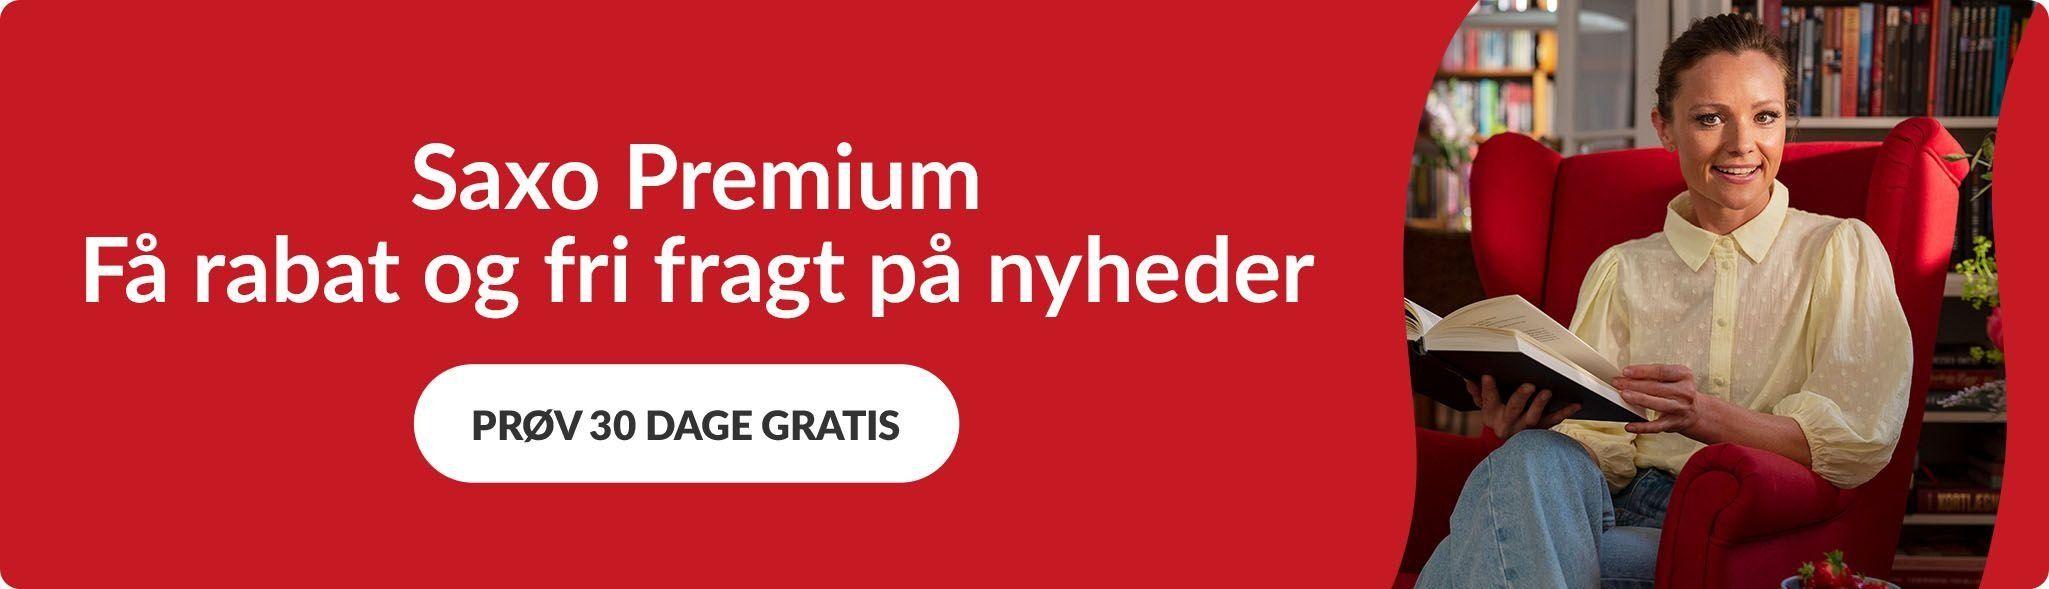 'Fri fragt og rabat på nyheder' - Saxo Premium topbanner